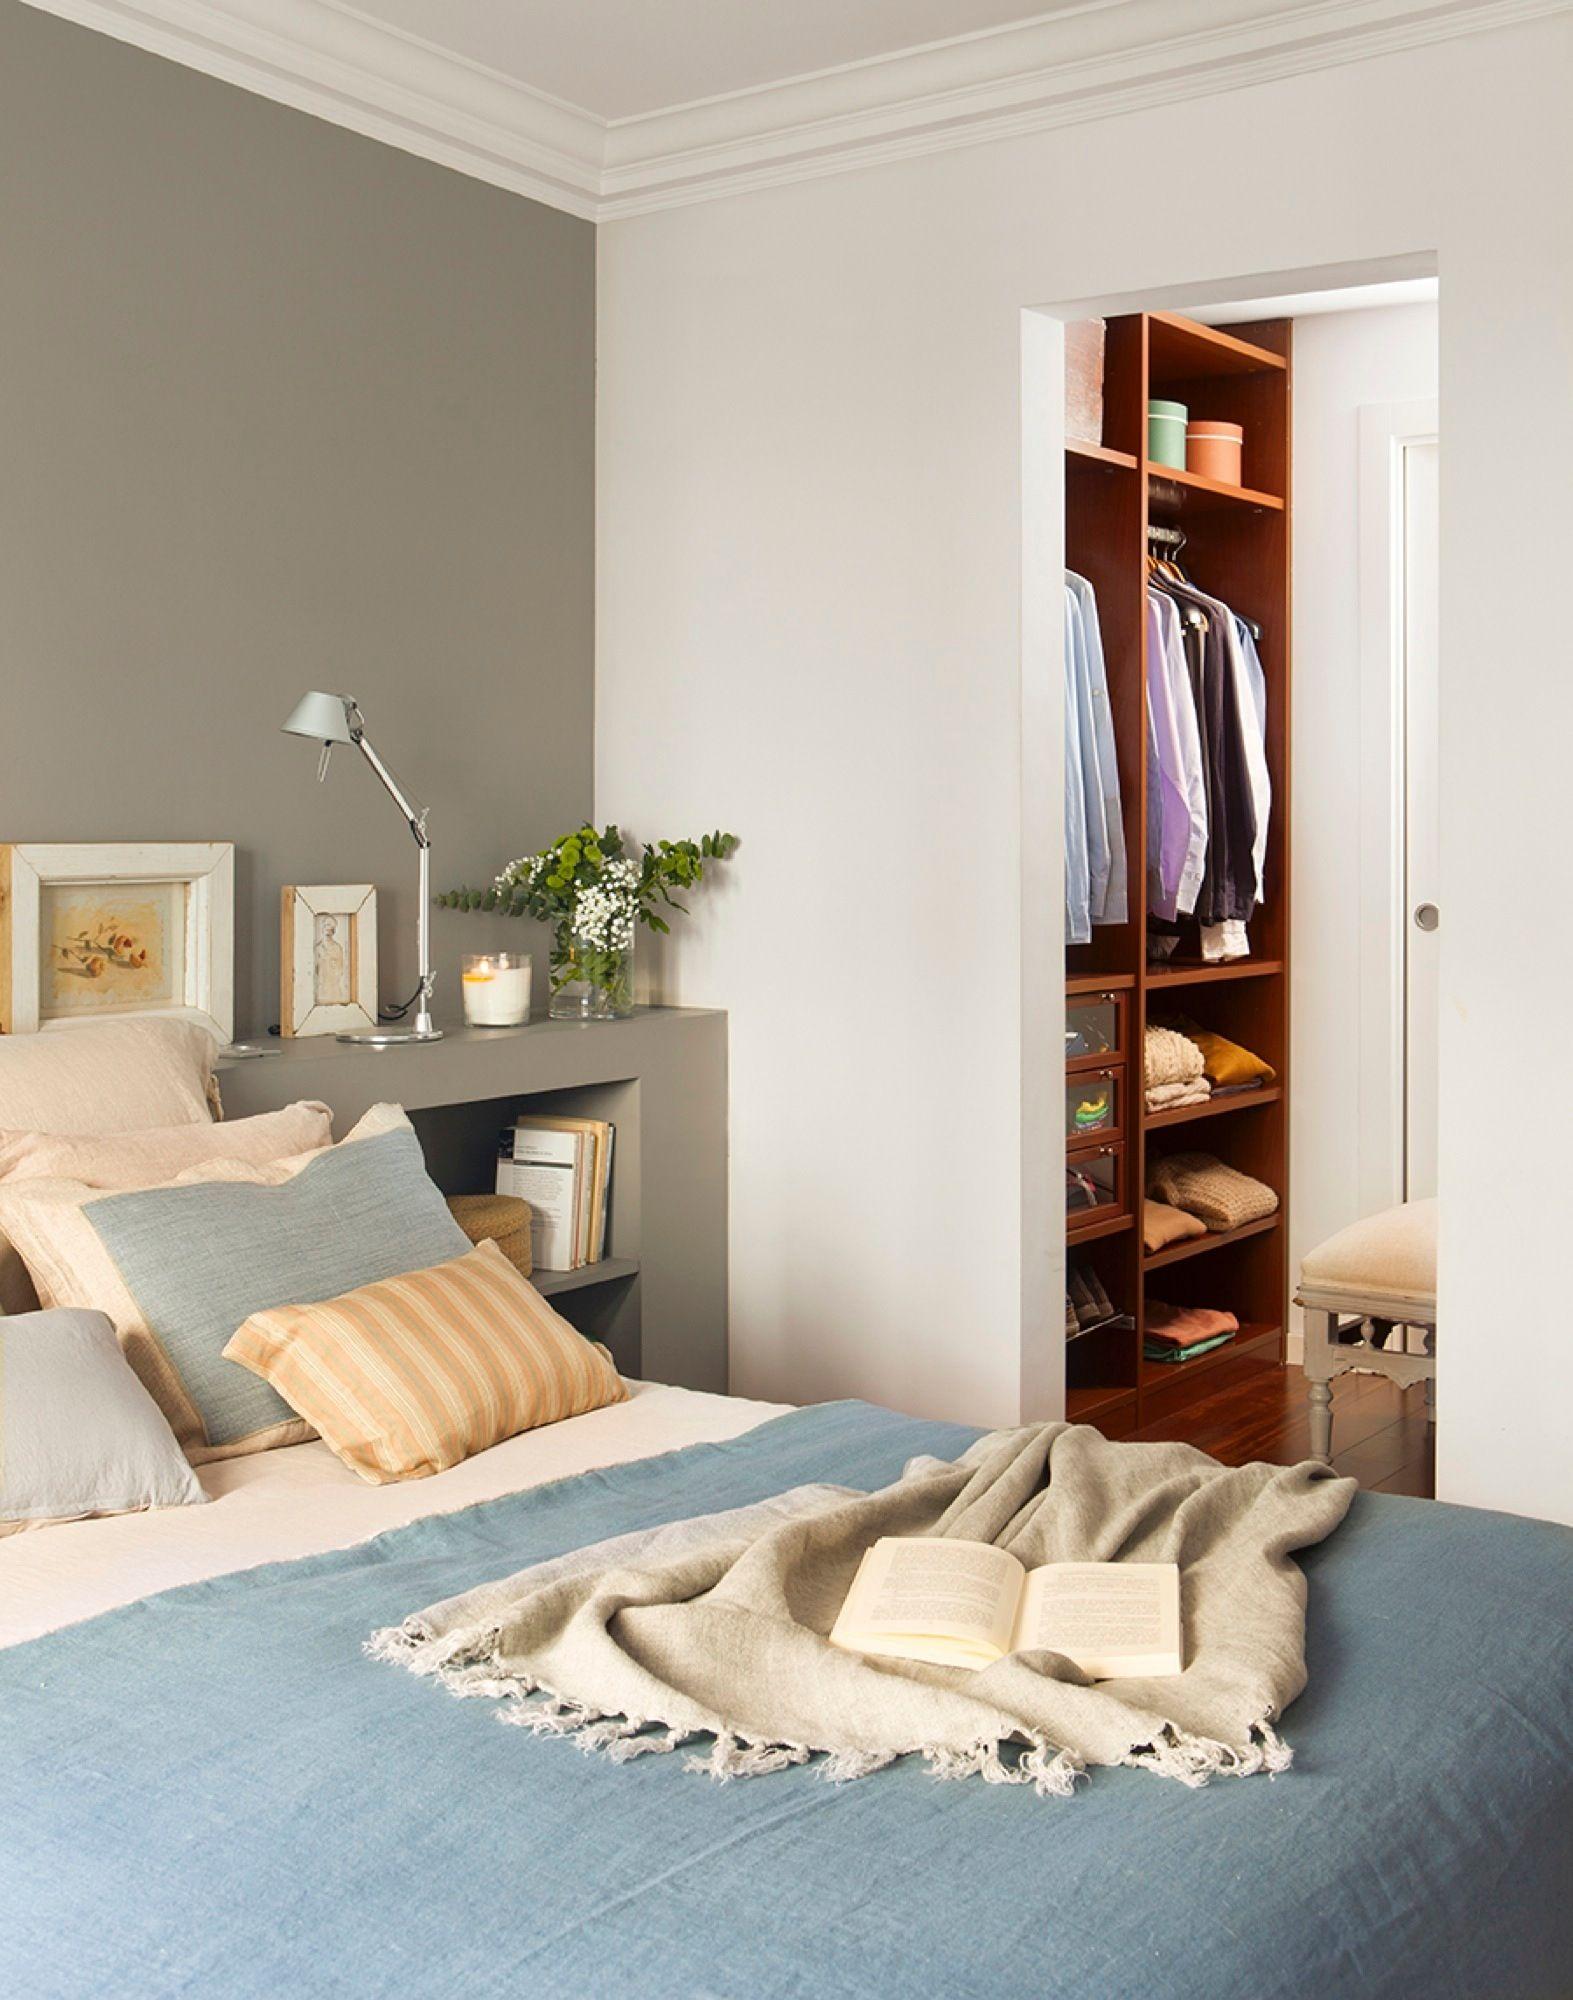 Dormitorio en gris y azul colchas y cojines de homie by gc la manta es de cado dormitorios - Decoracion paredes dormitorio ...